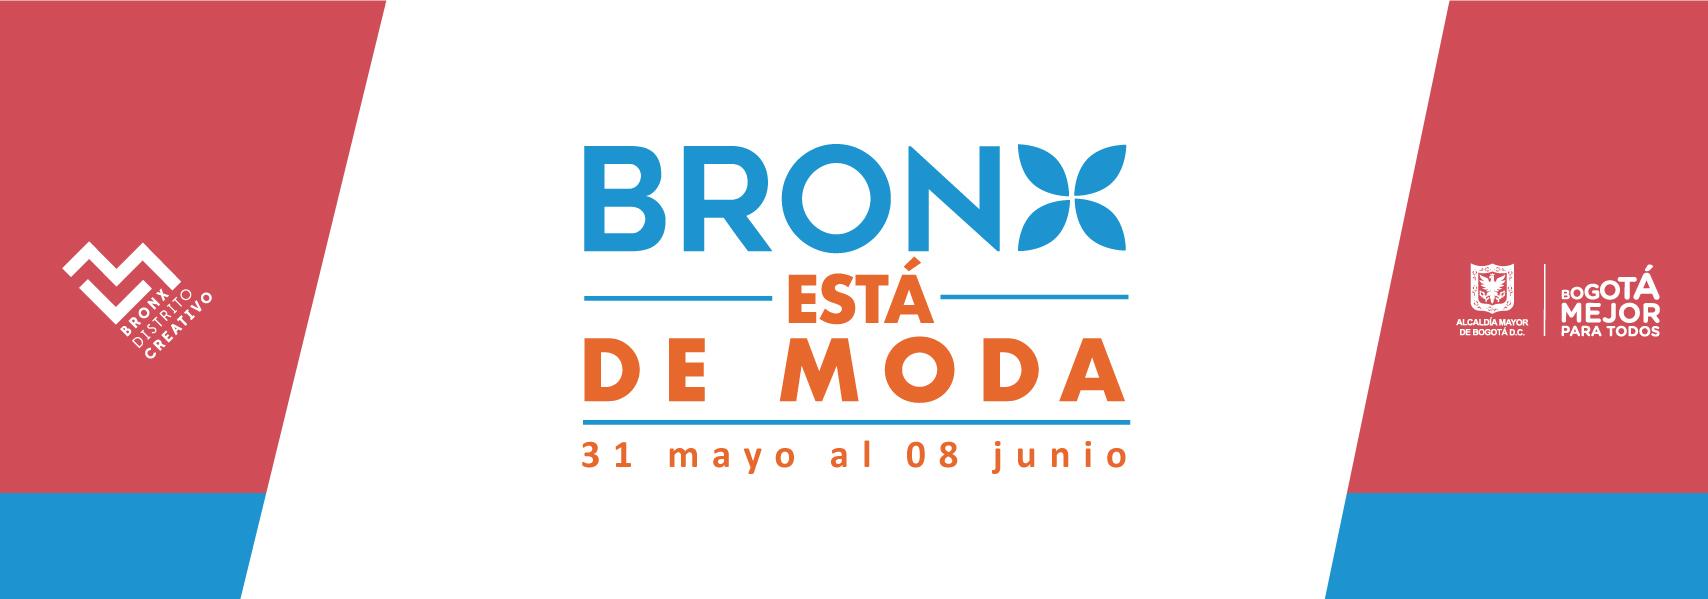 El bronx está de moda - 31 de mayo al 08 de junio 2018